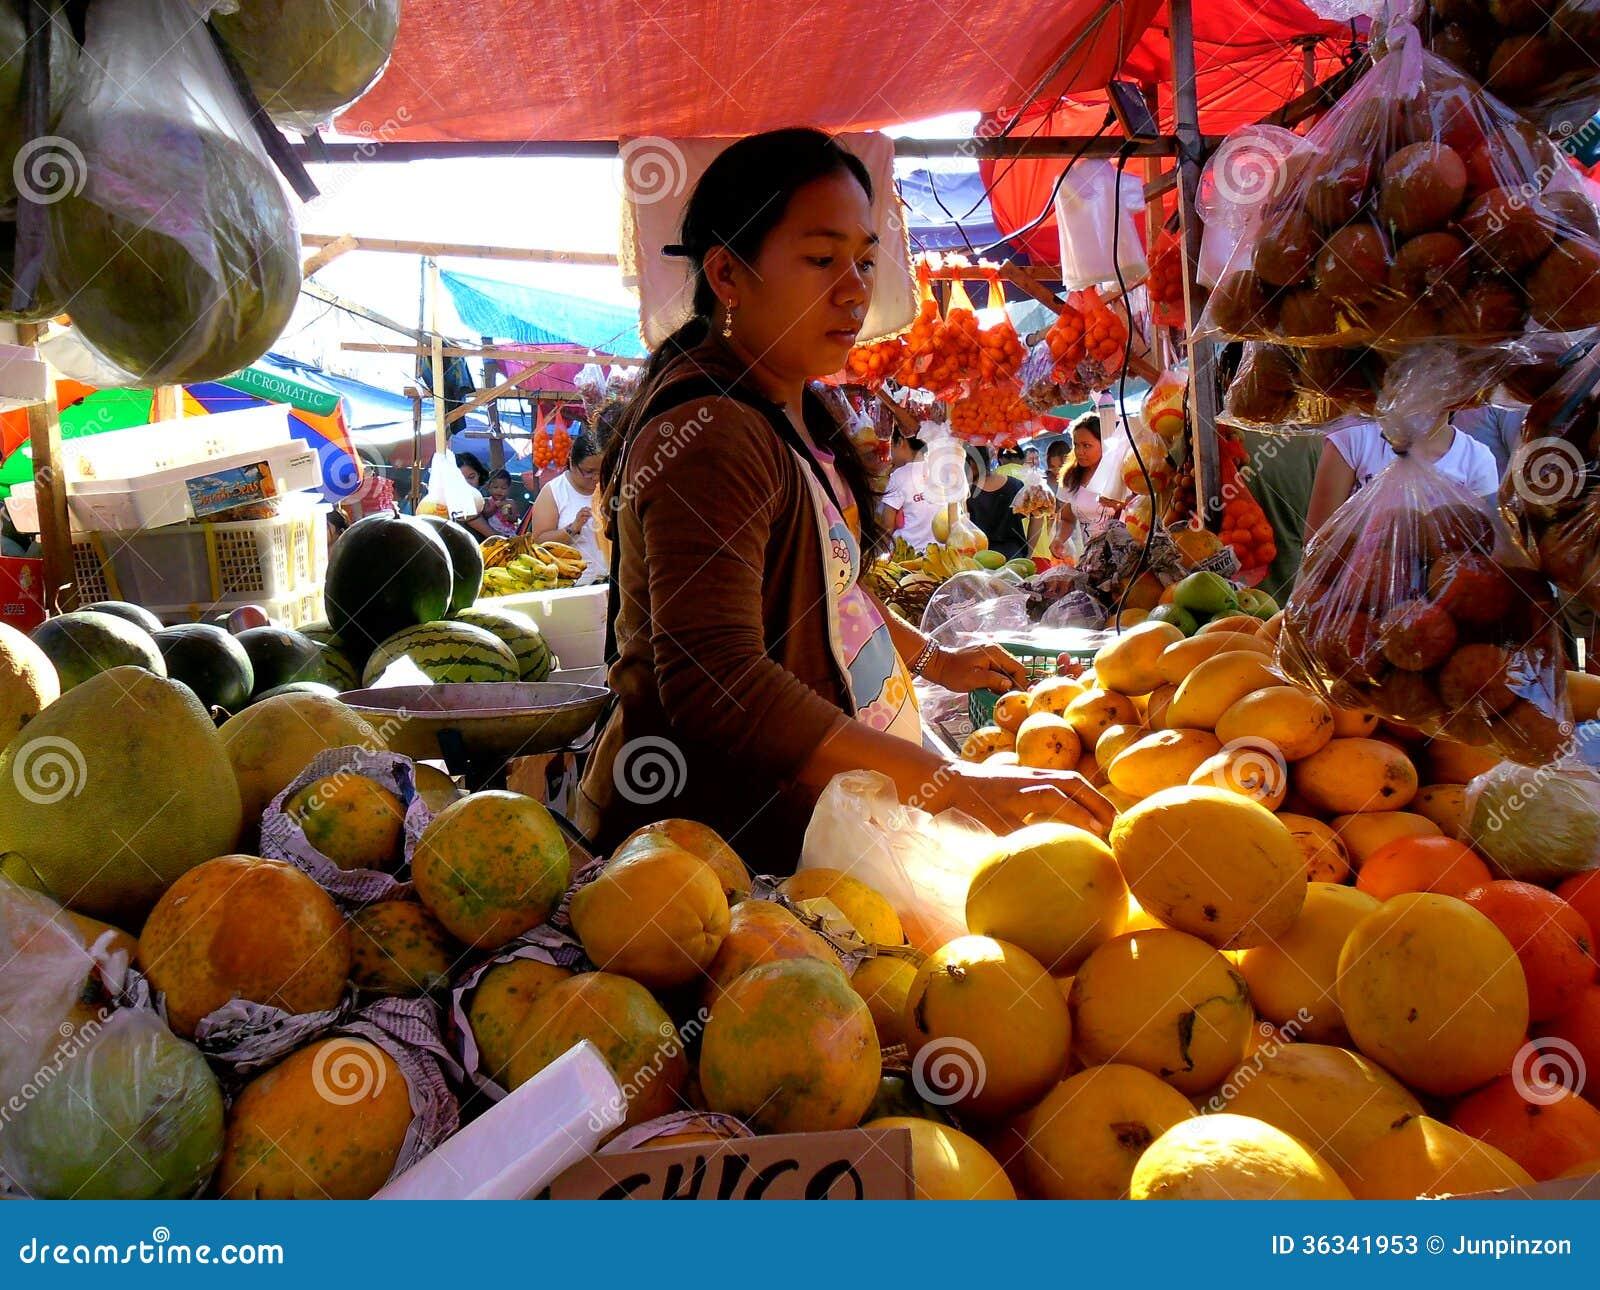 Προμηθευτής φρούτων σε μια αγορά σε Cainta, Rizal, Φιλιππίνες, Ασία